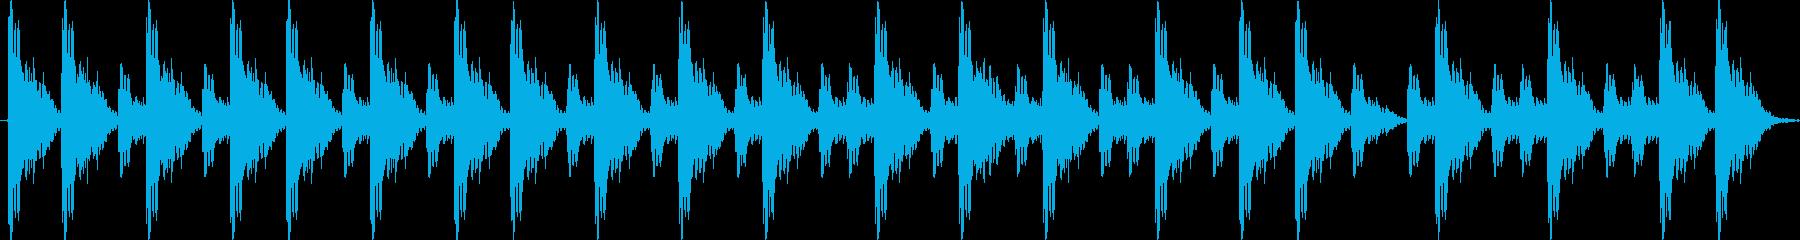 ポンポンポポン 相撲の寄せ太鼓の再生済みの波形